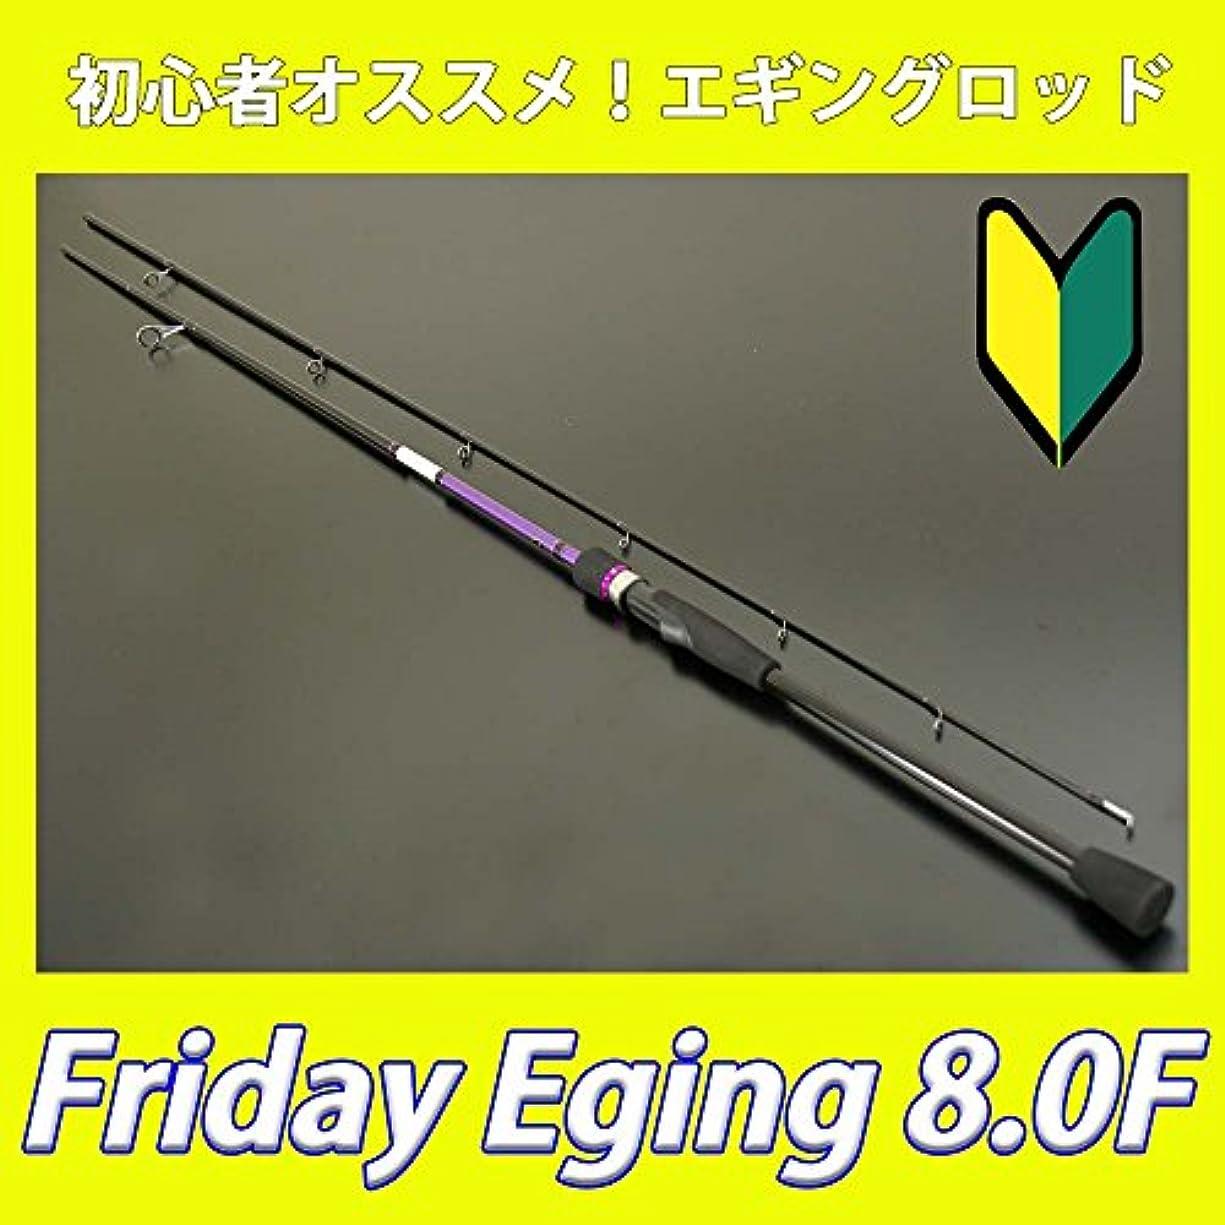 パーティション泥棒複合エギングロッド FridayEging8.0F (150015)